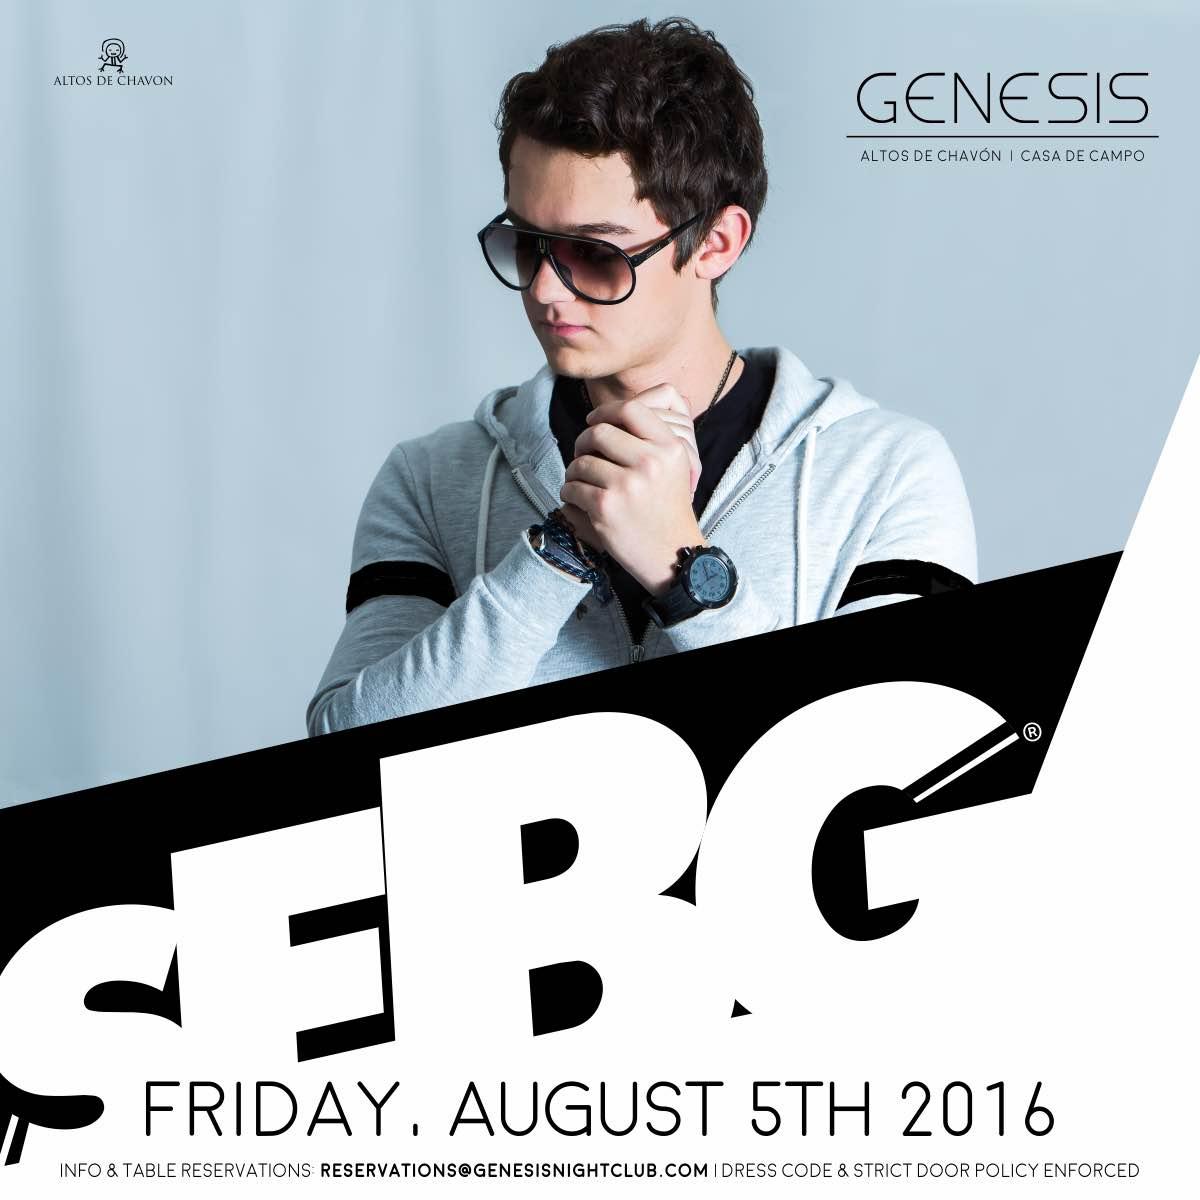 Genesis_Aug5